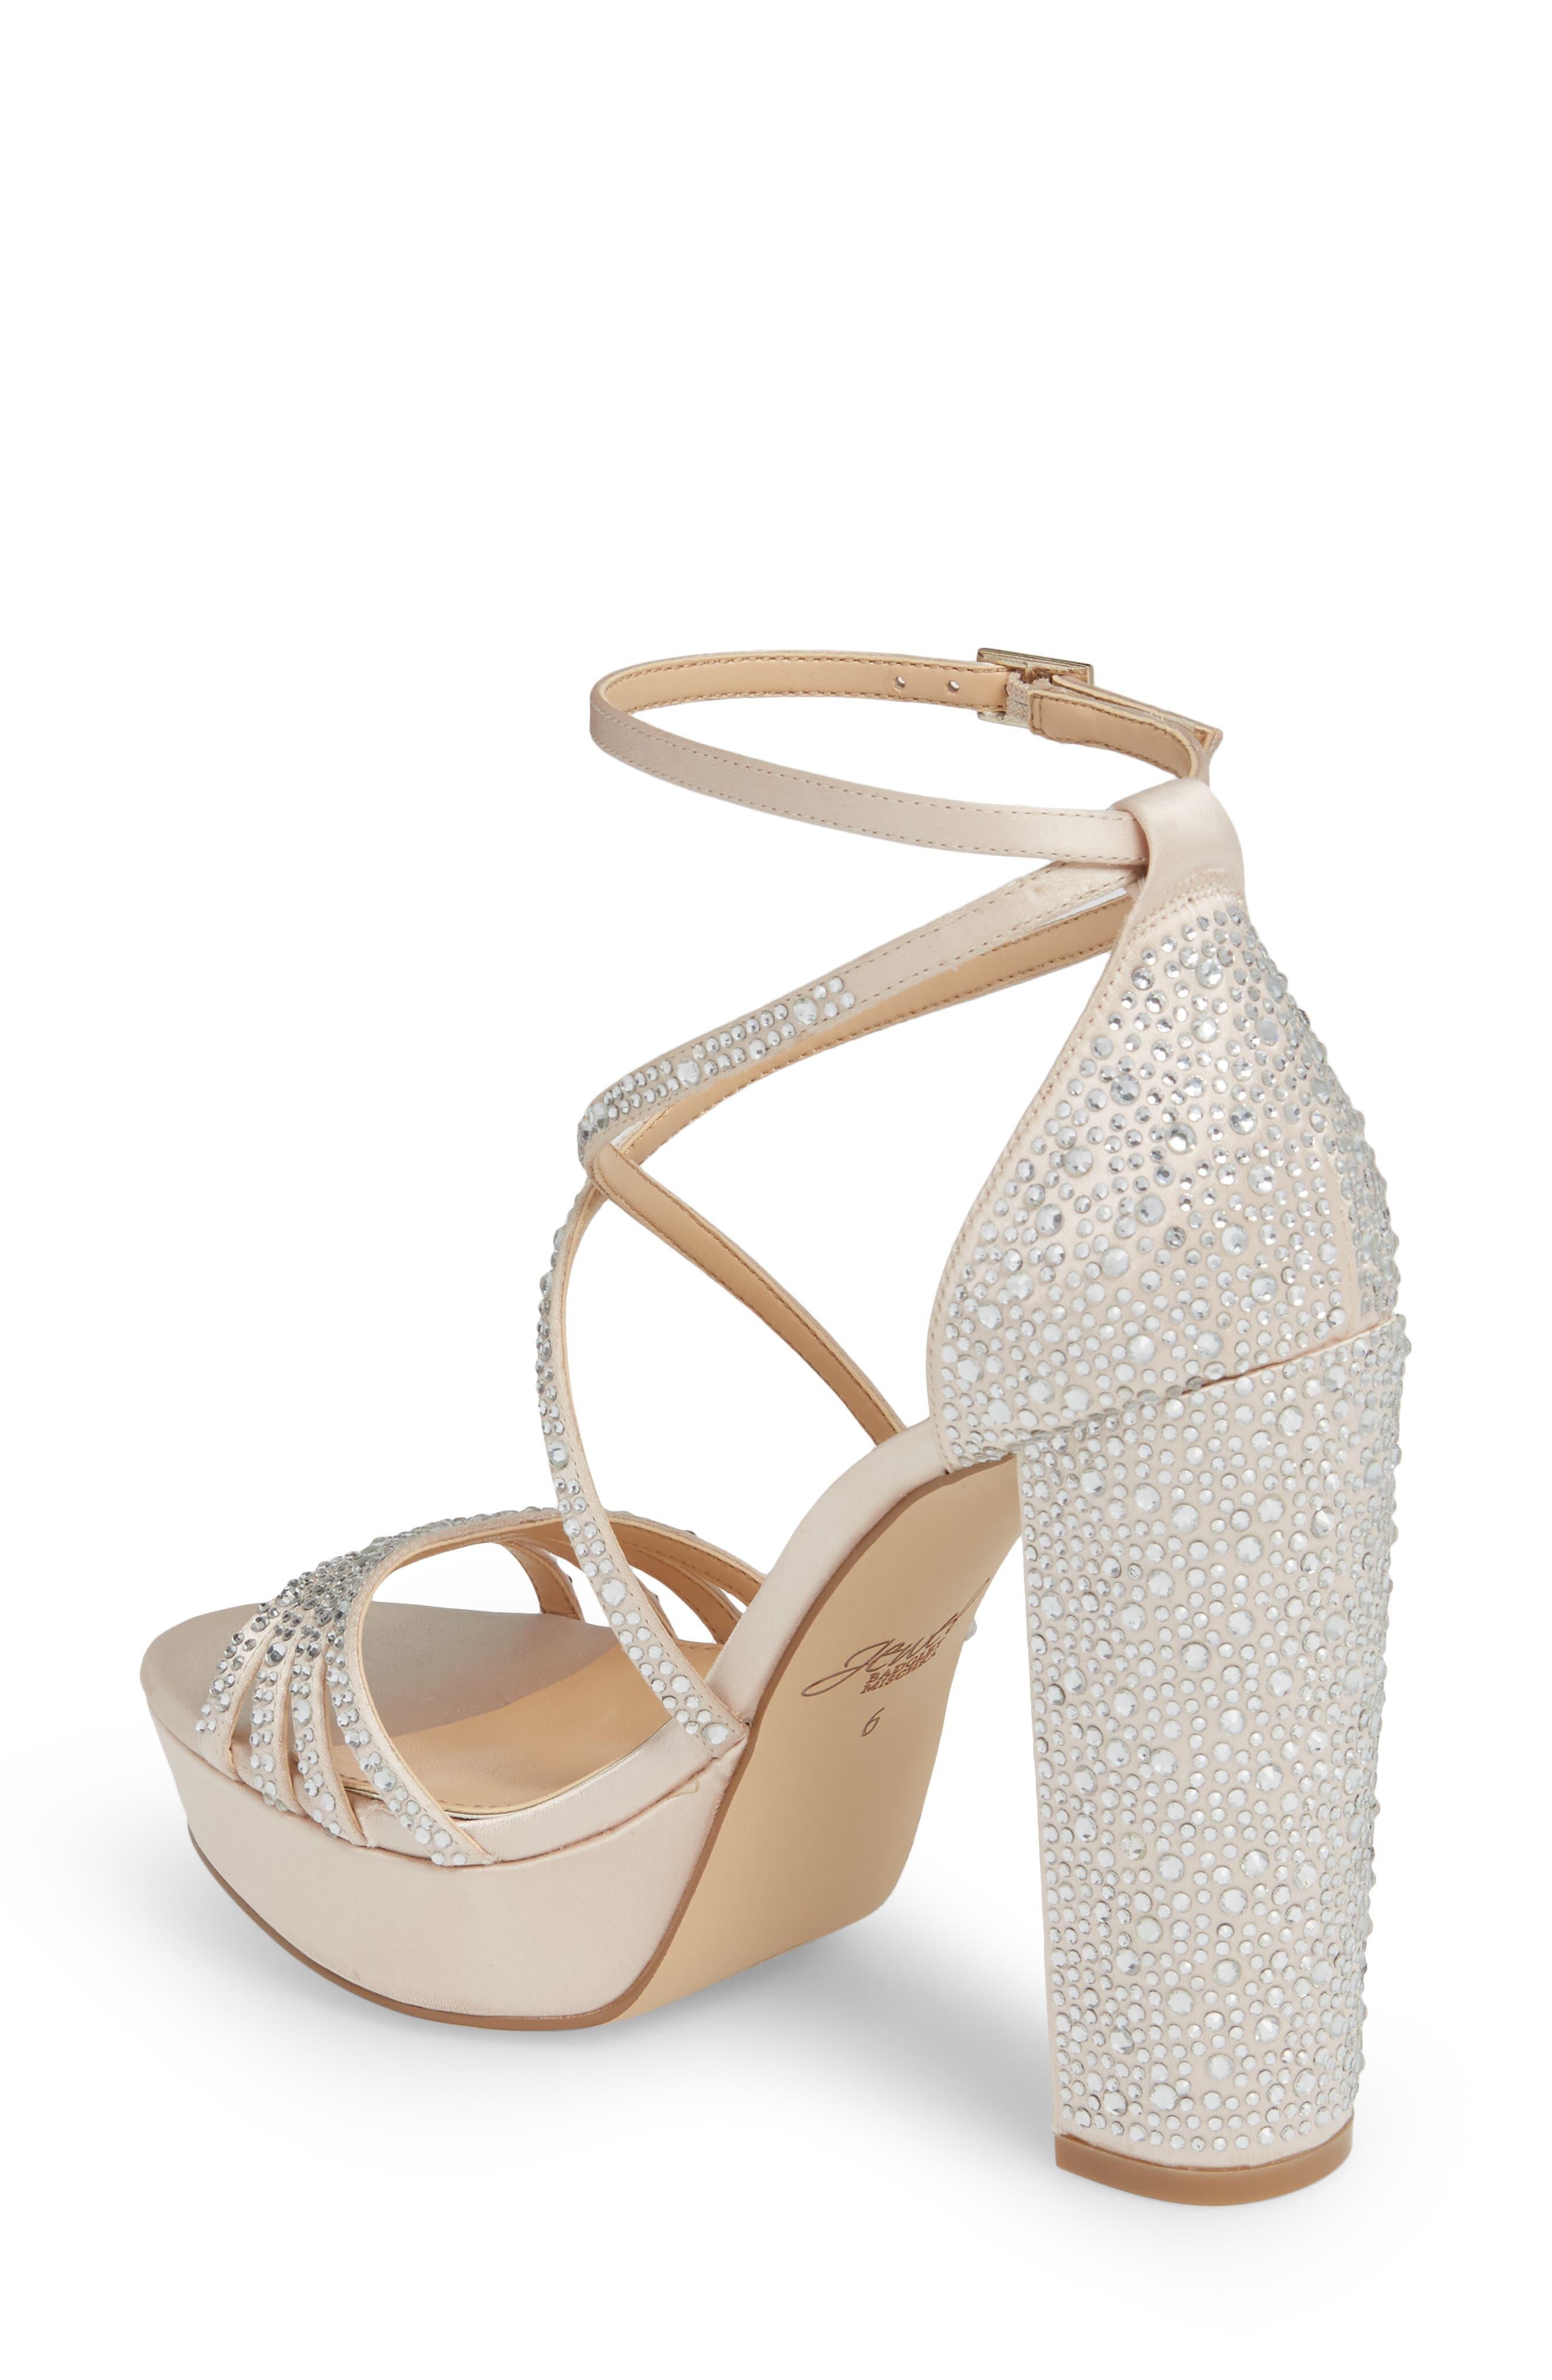 Tarah Crystal Embellished Platform Sandal,                             Alternate thumbnail 2, color,                             Champagne Satin